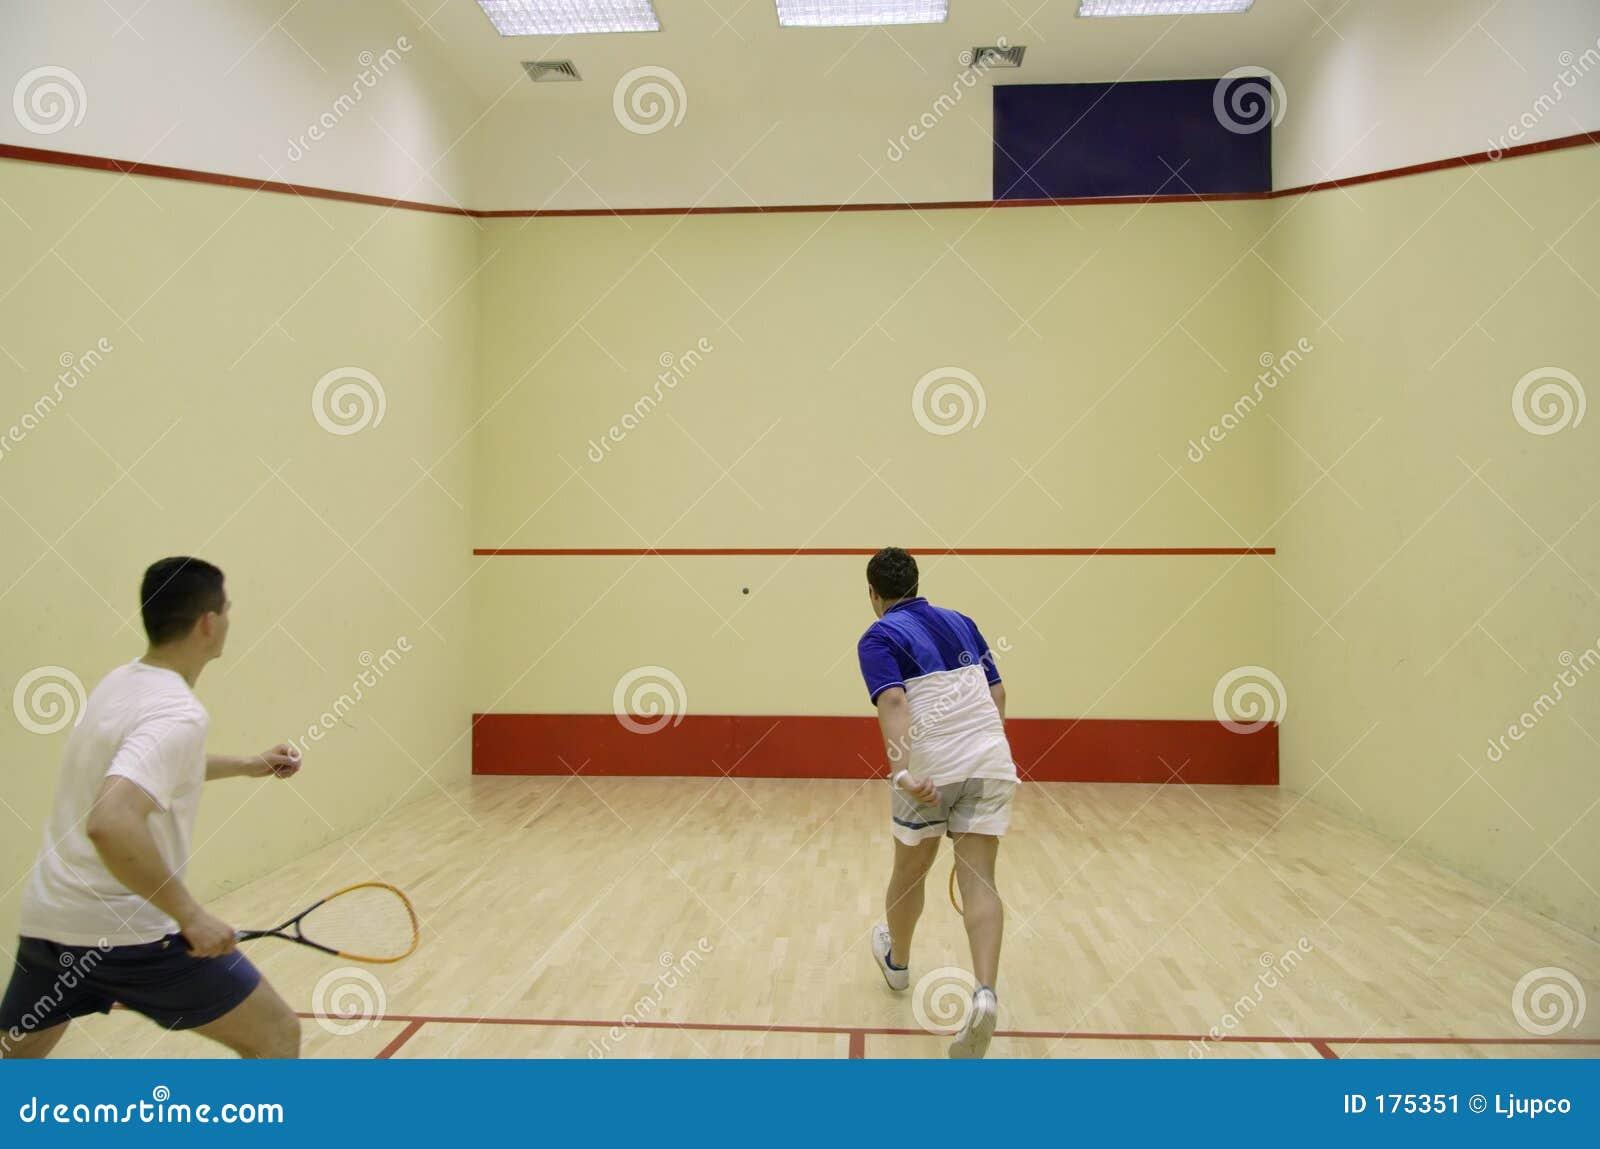 Deux personnes jouant au squash